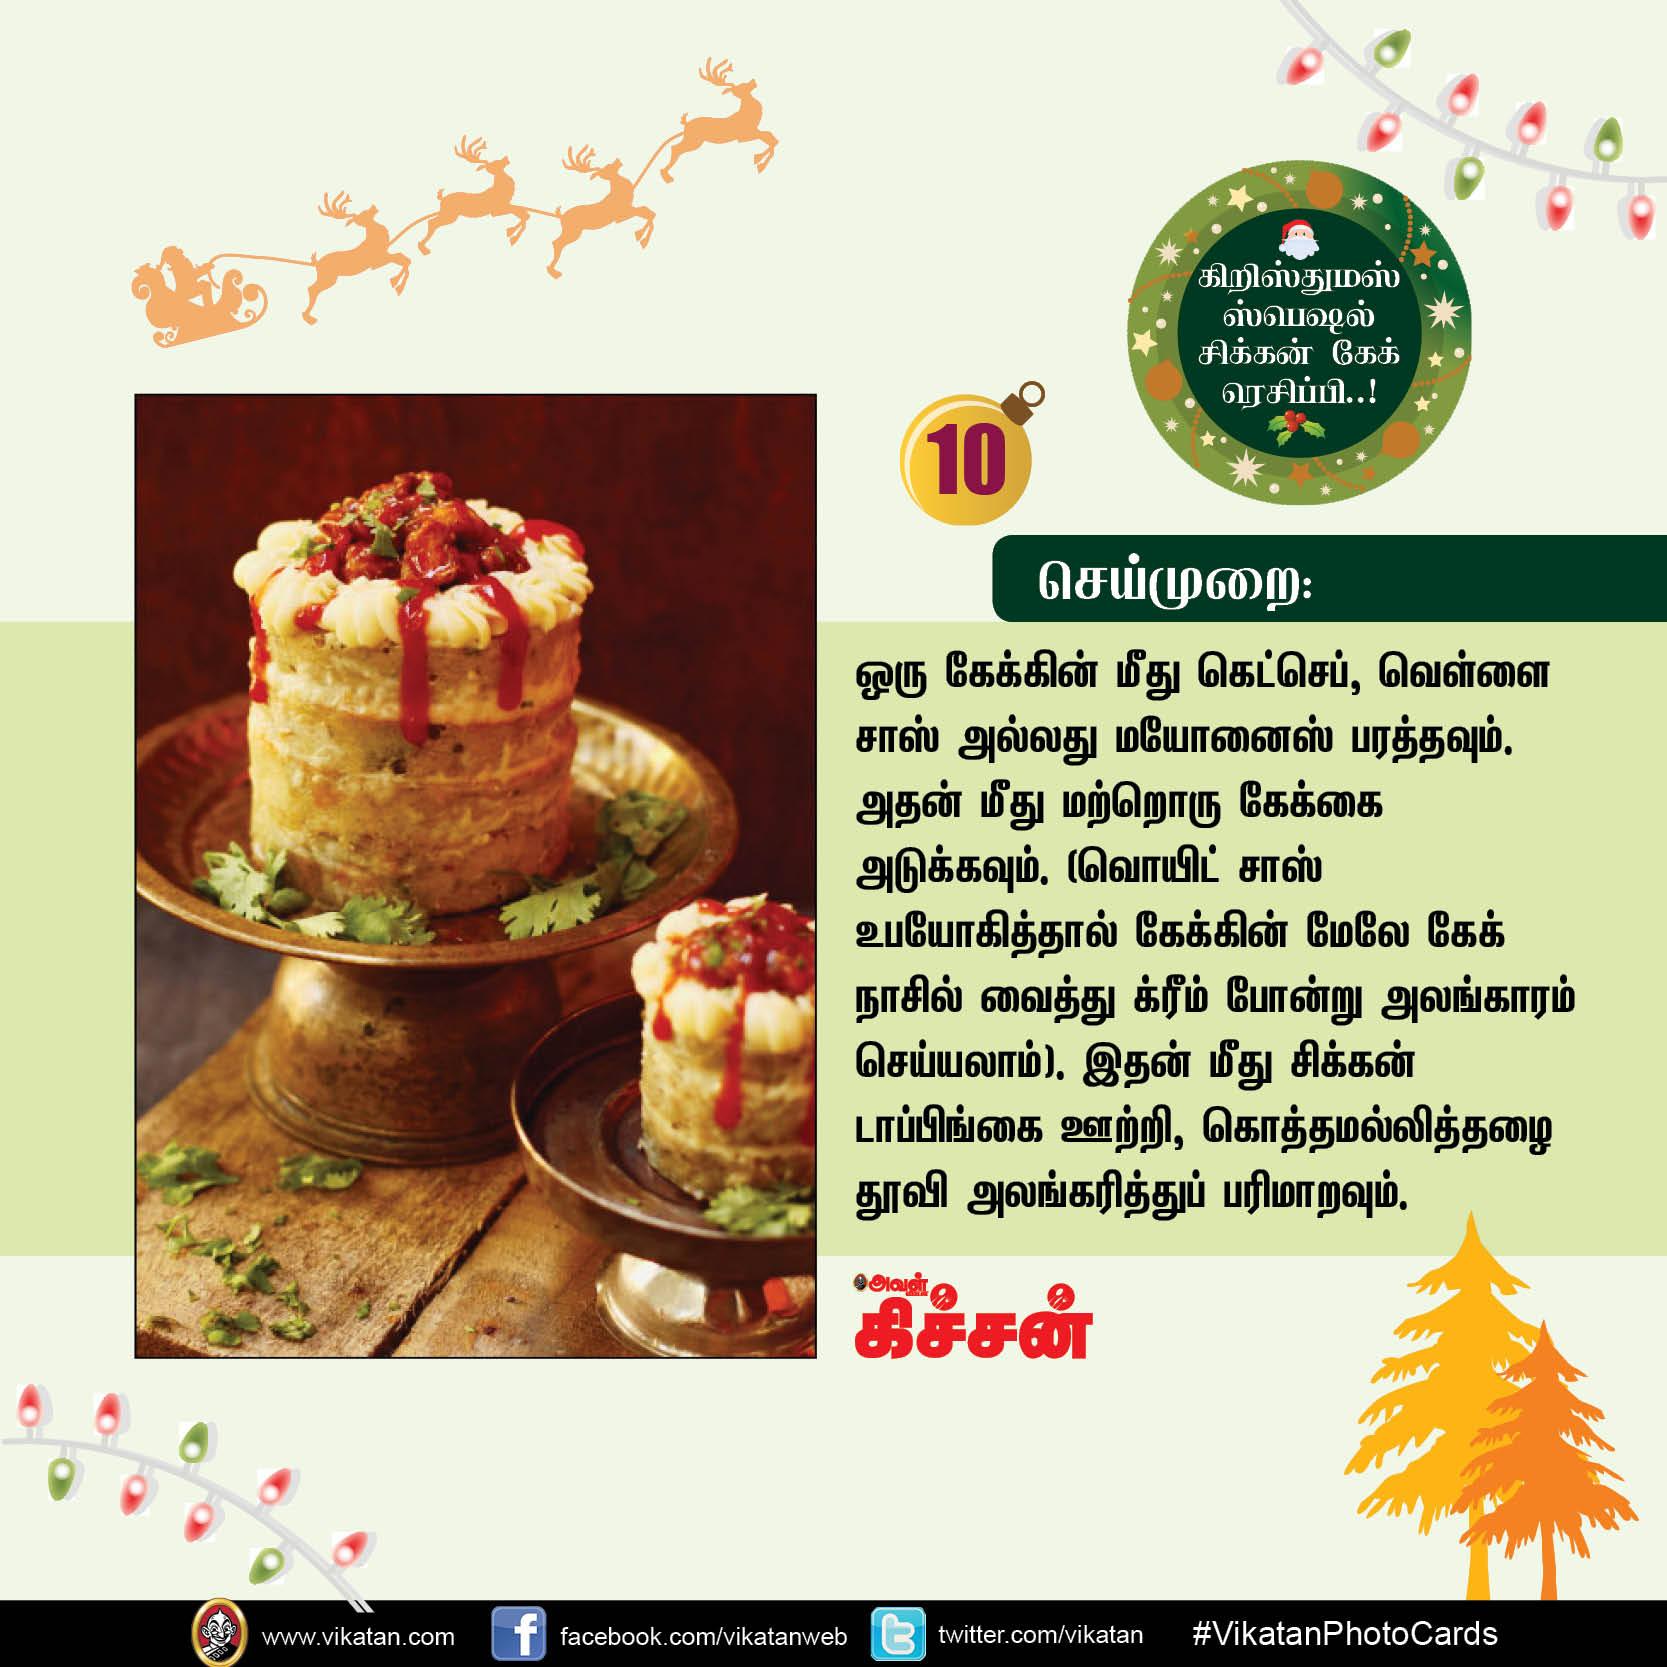 கிறிஸ்துமஸ் ஸ்பெஷல் சிக்கன் கேக் ரெசிப்பி..! #VikatanPhotoCards #Christmas